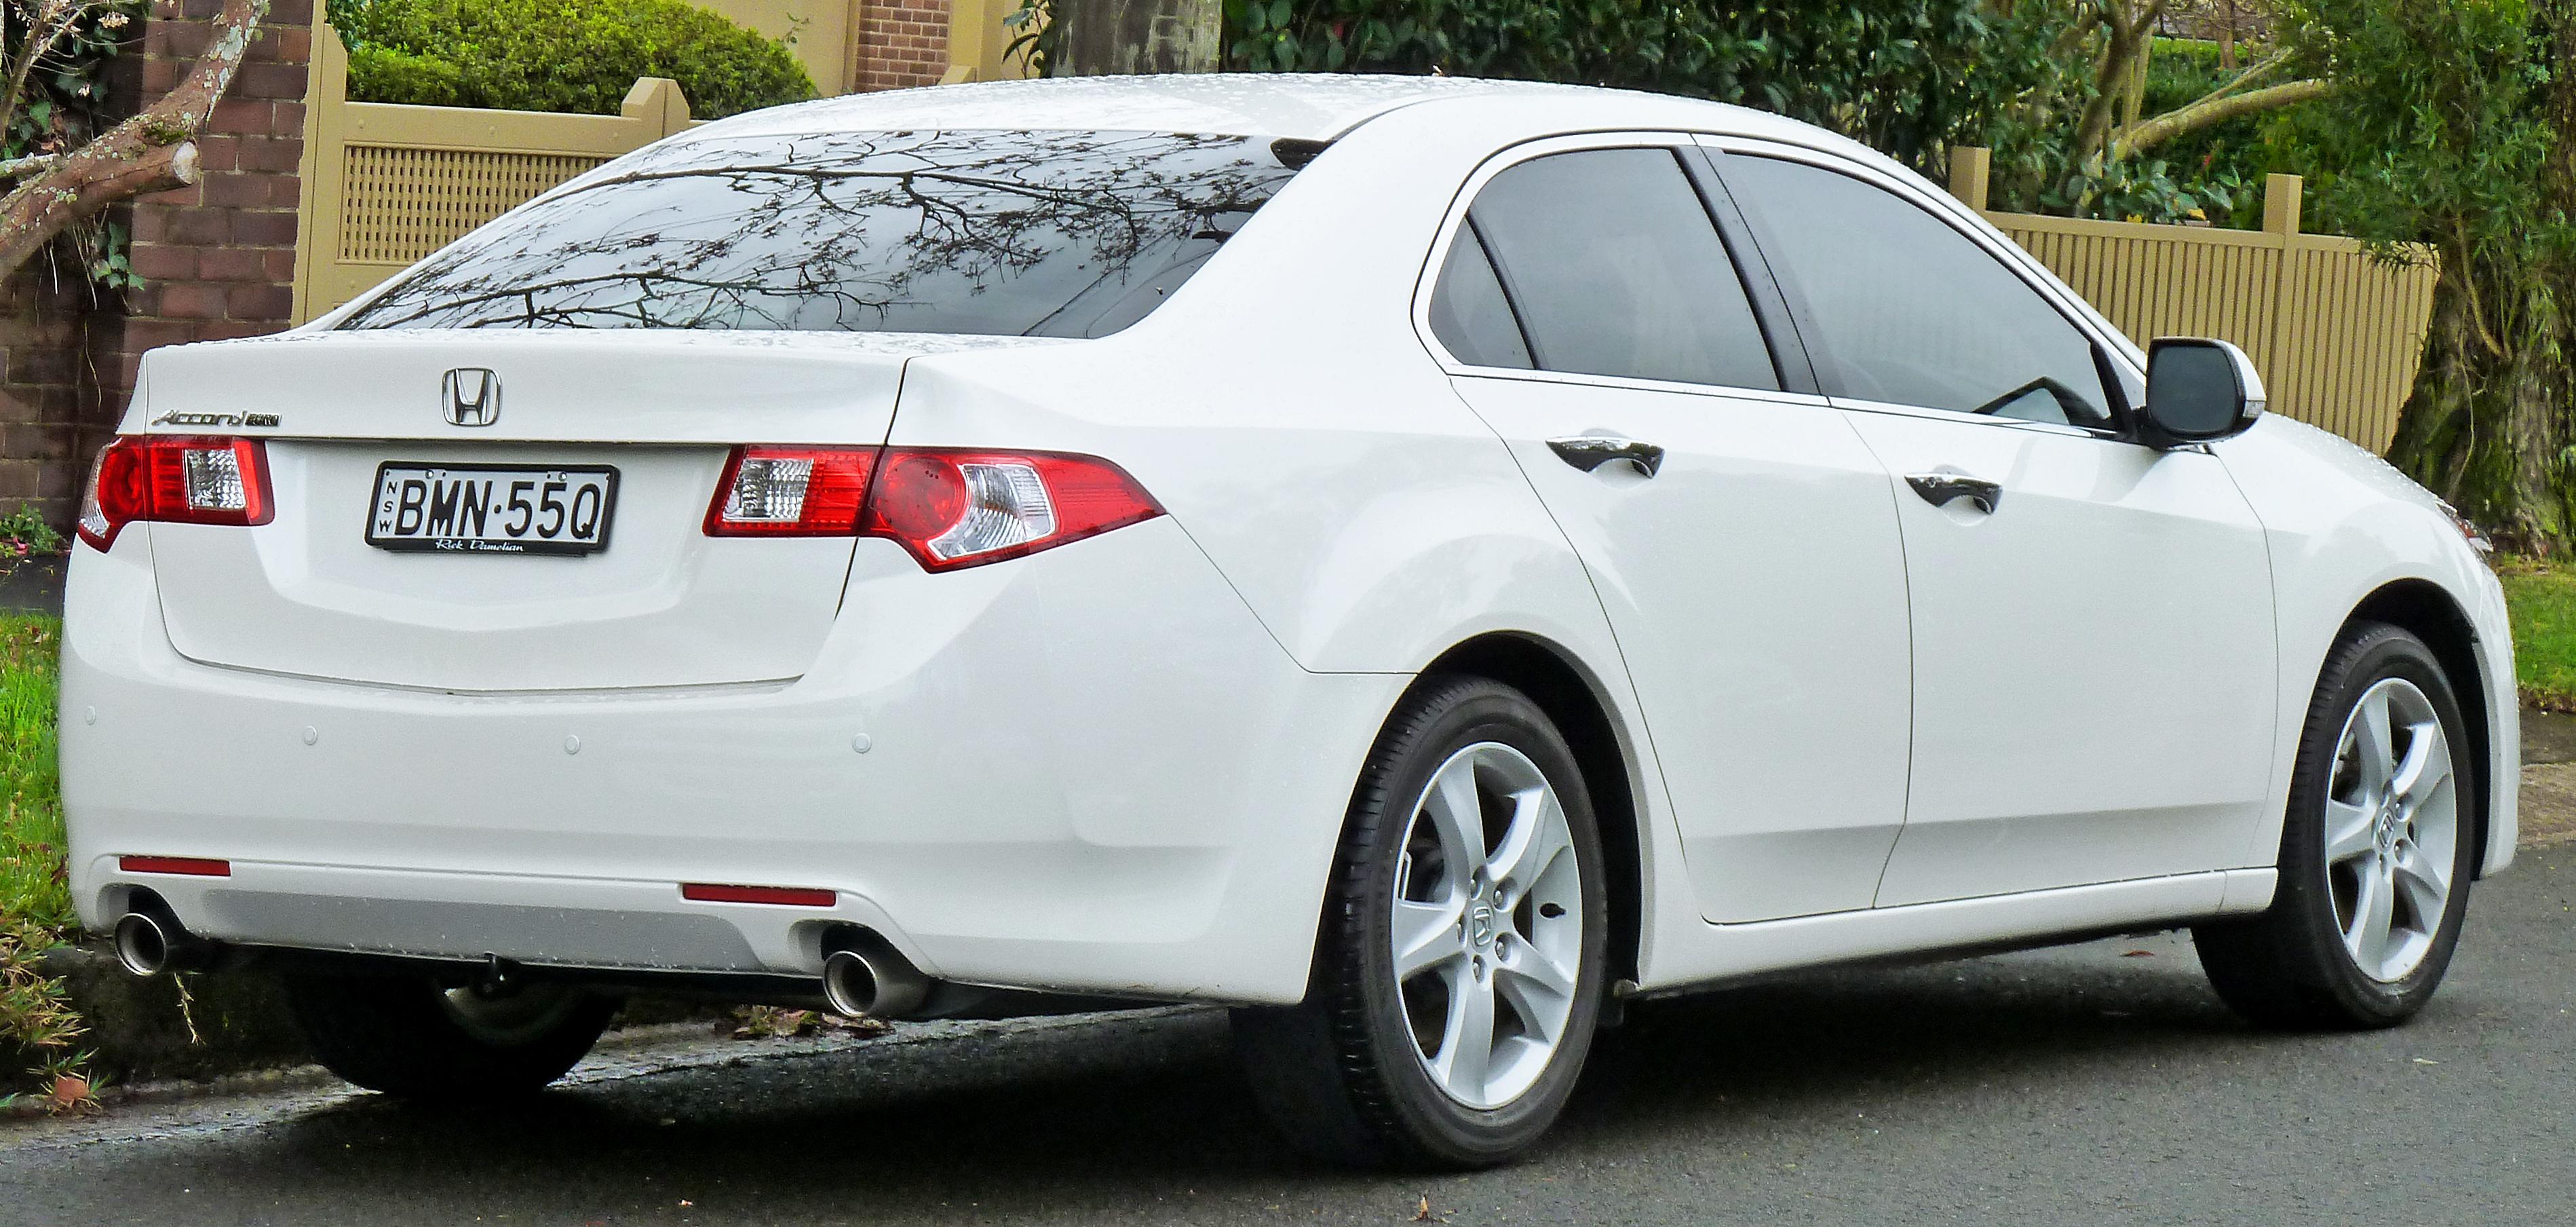 2011 Honda Accord Image 15